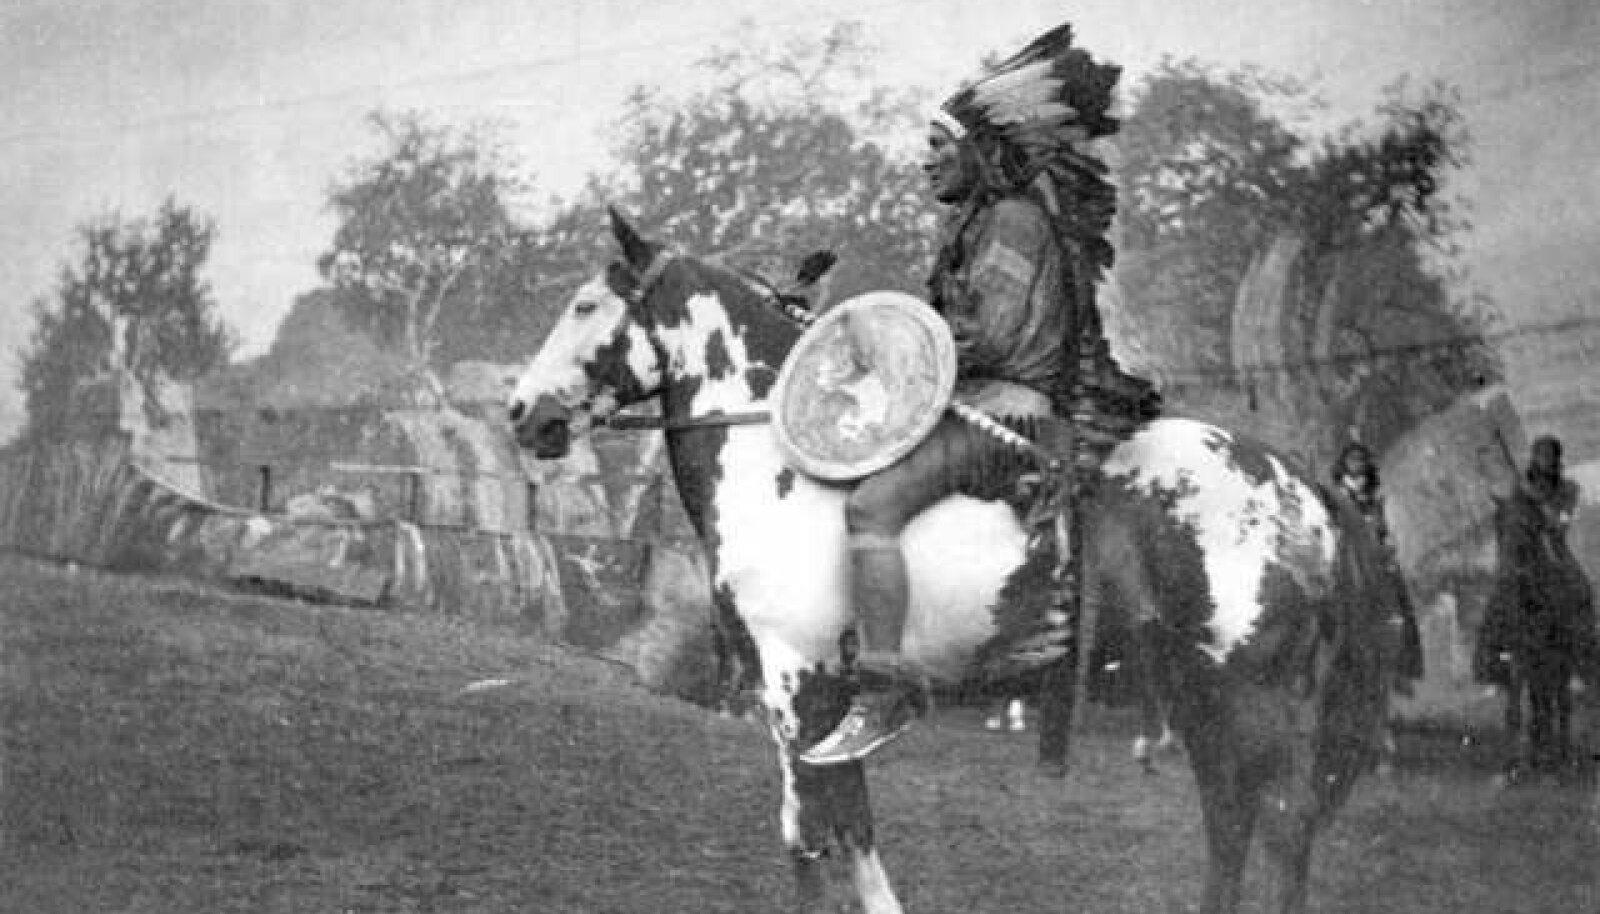 Usutavasti 1892. aastast pärinev jäädvustus indiaanlasest hobuse seljas (foto: A. R. Dresser, Nate Salsbury)